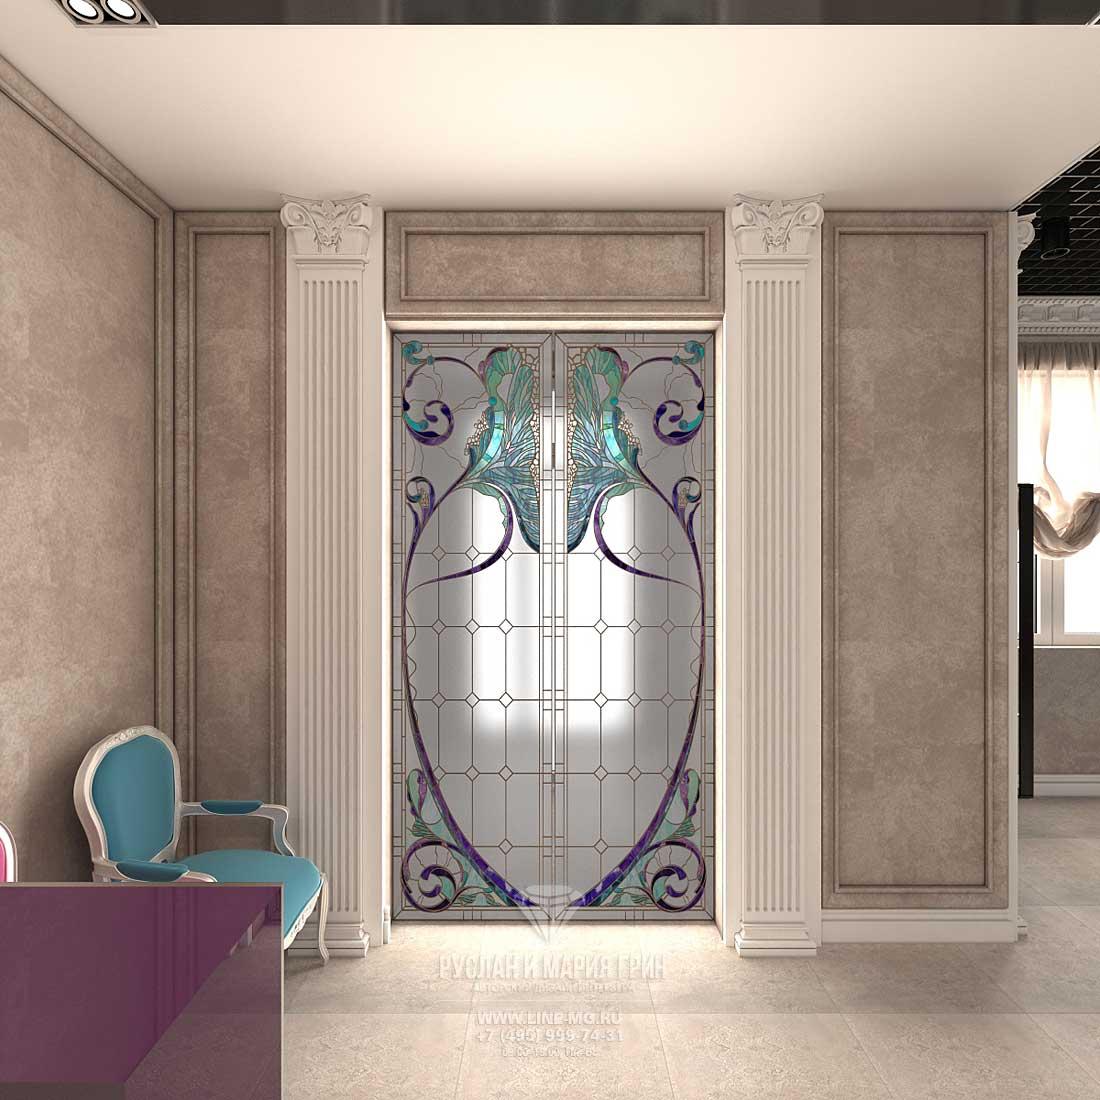 Дизайн салона красоты. Фото интерьера